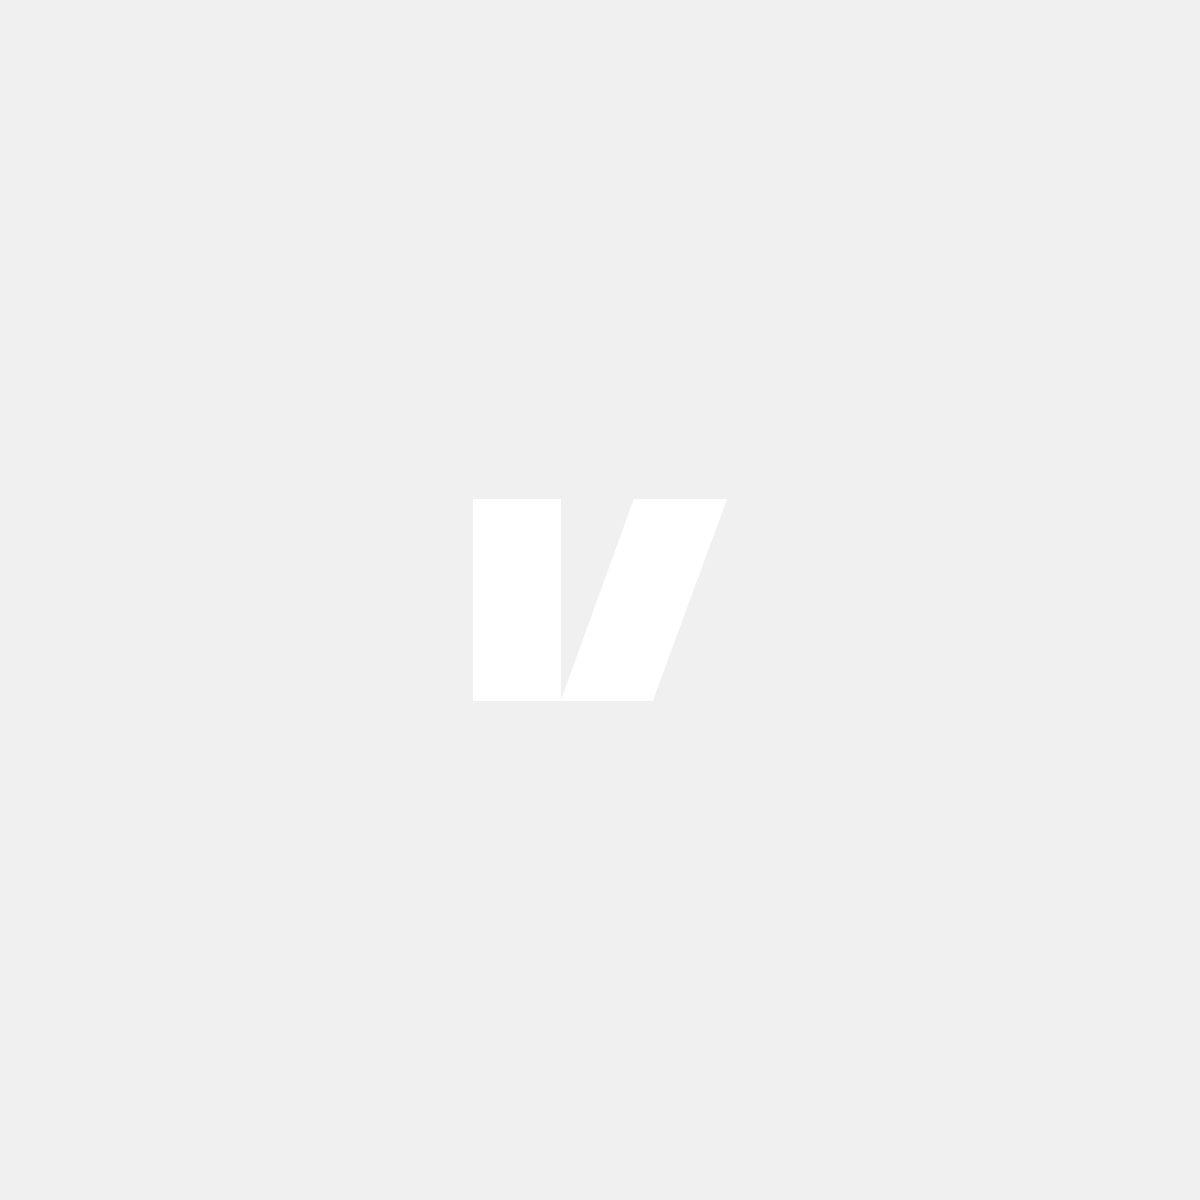 Helvita bakljus till Volvo 245, 265